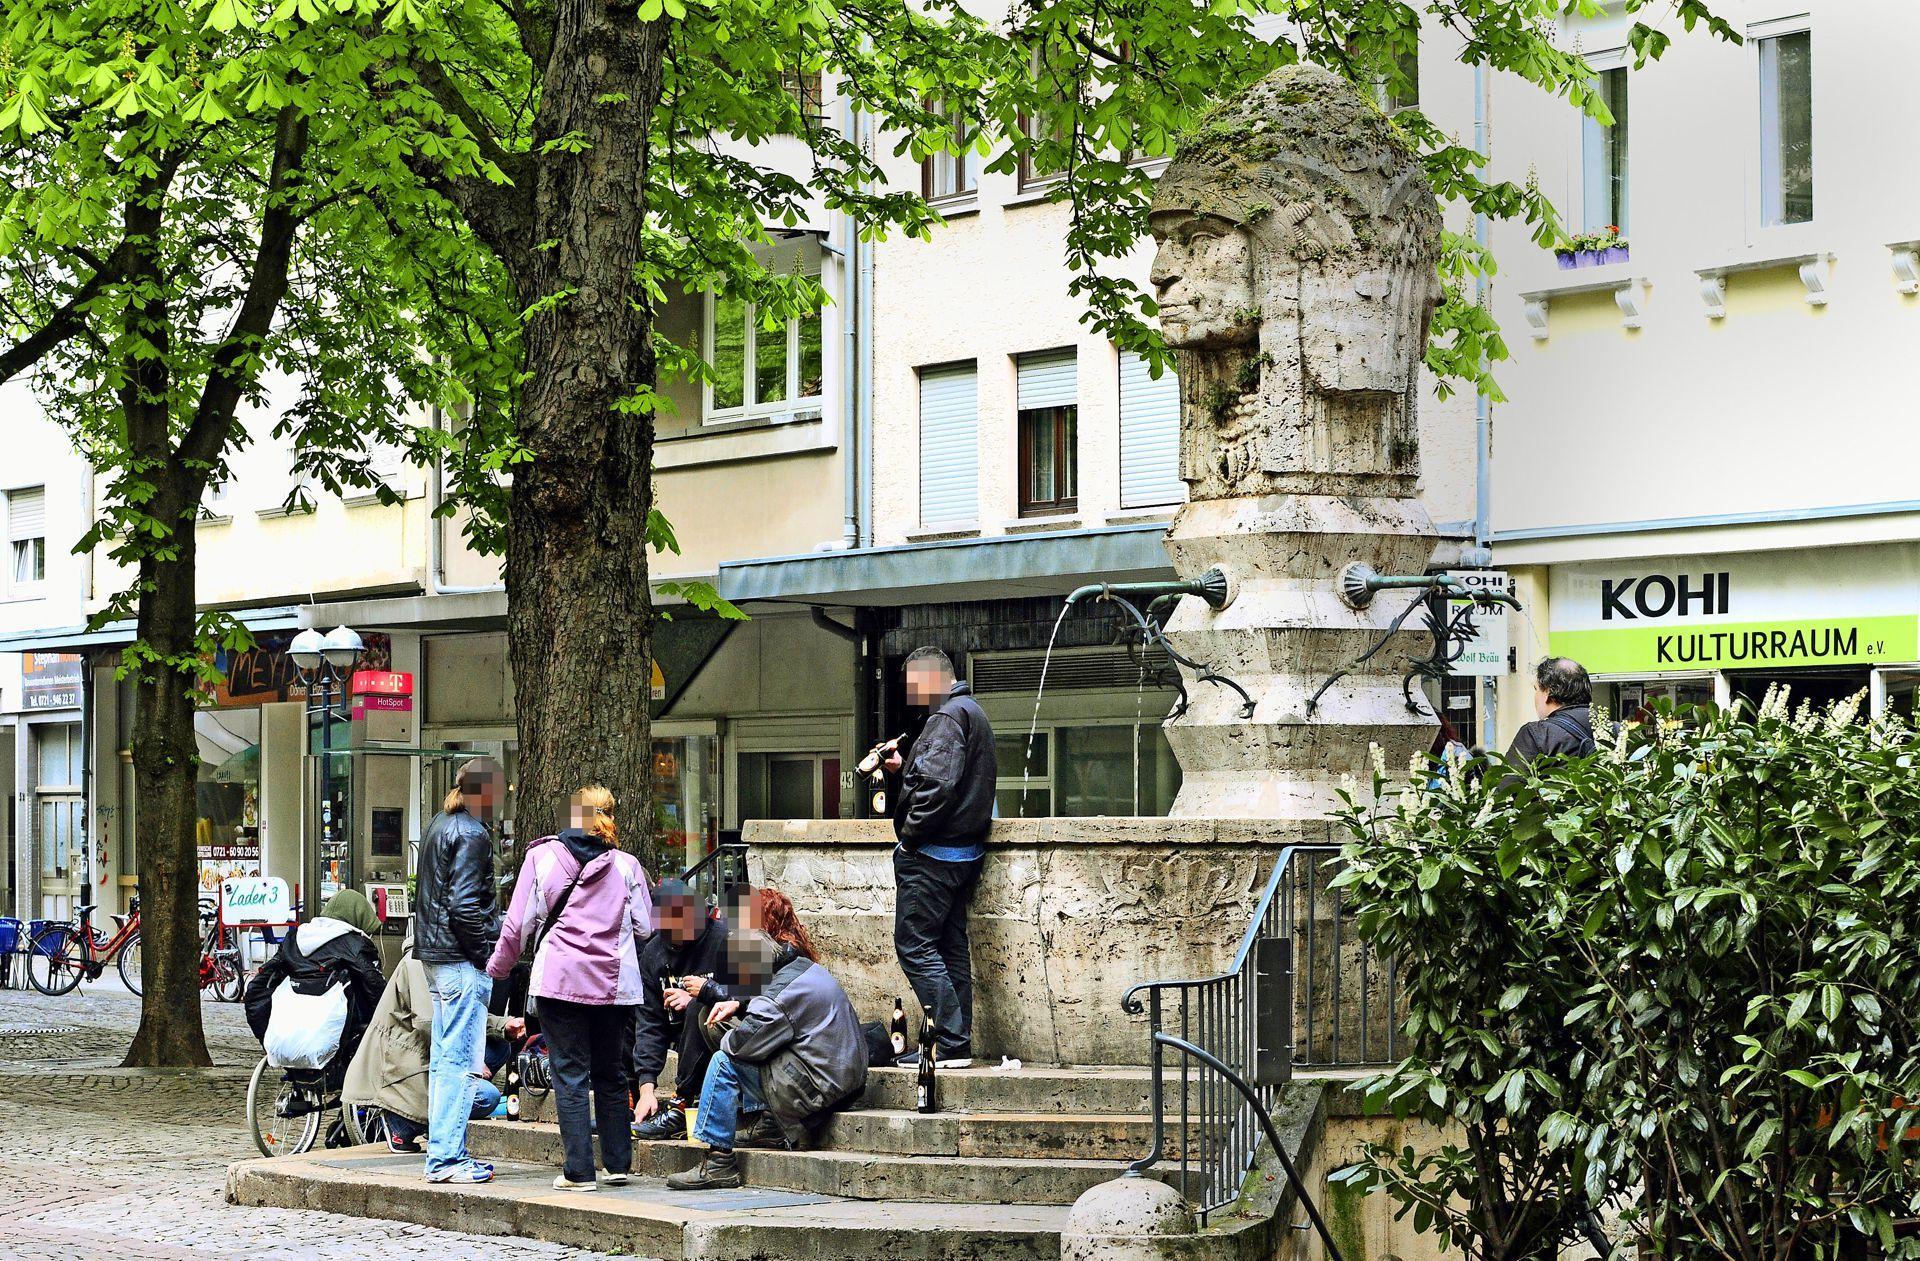 Brauchtum in Zuffenhausen: Festtagskleid für den Brunnen